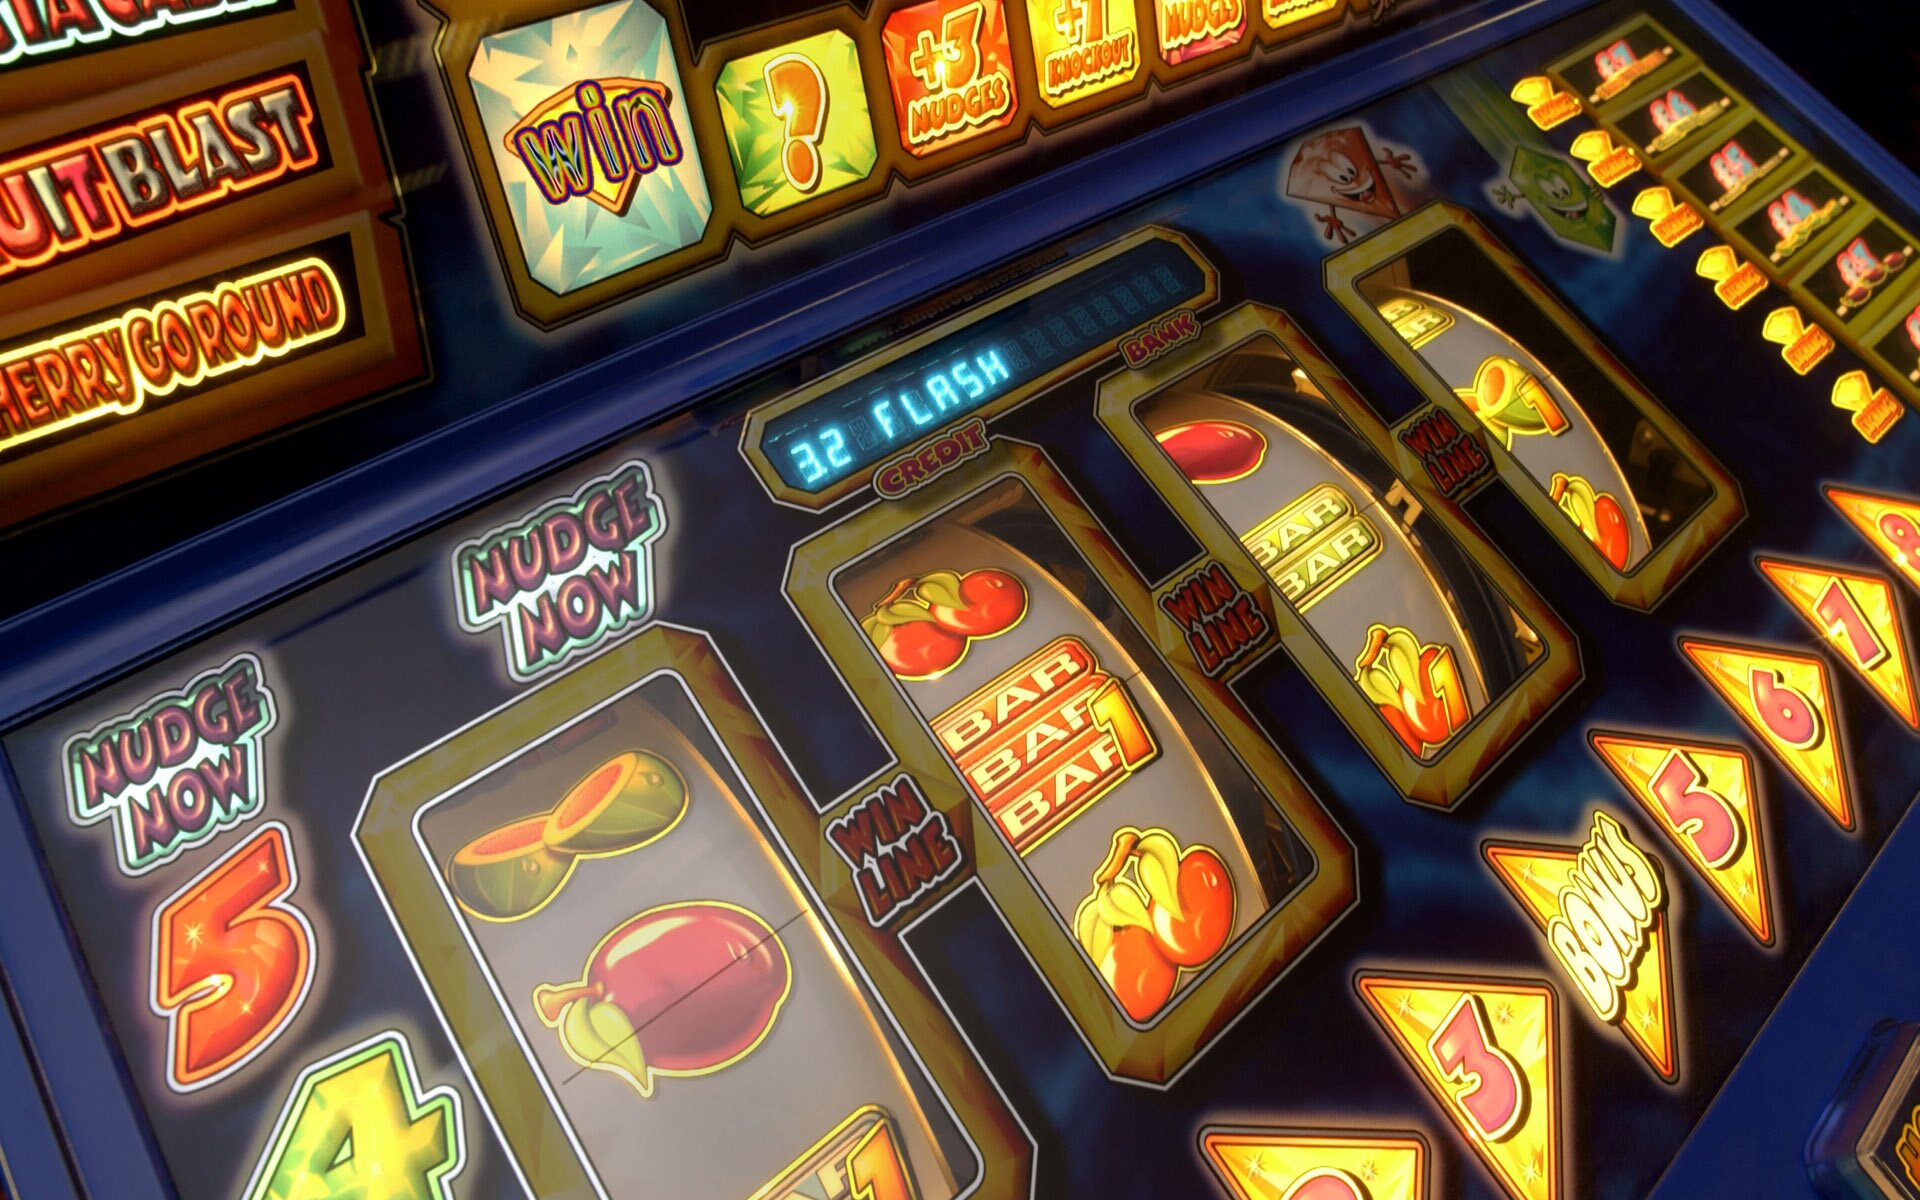 Козино онлайн игровые автоматы игровые автоматы провсеональные